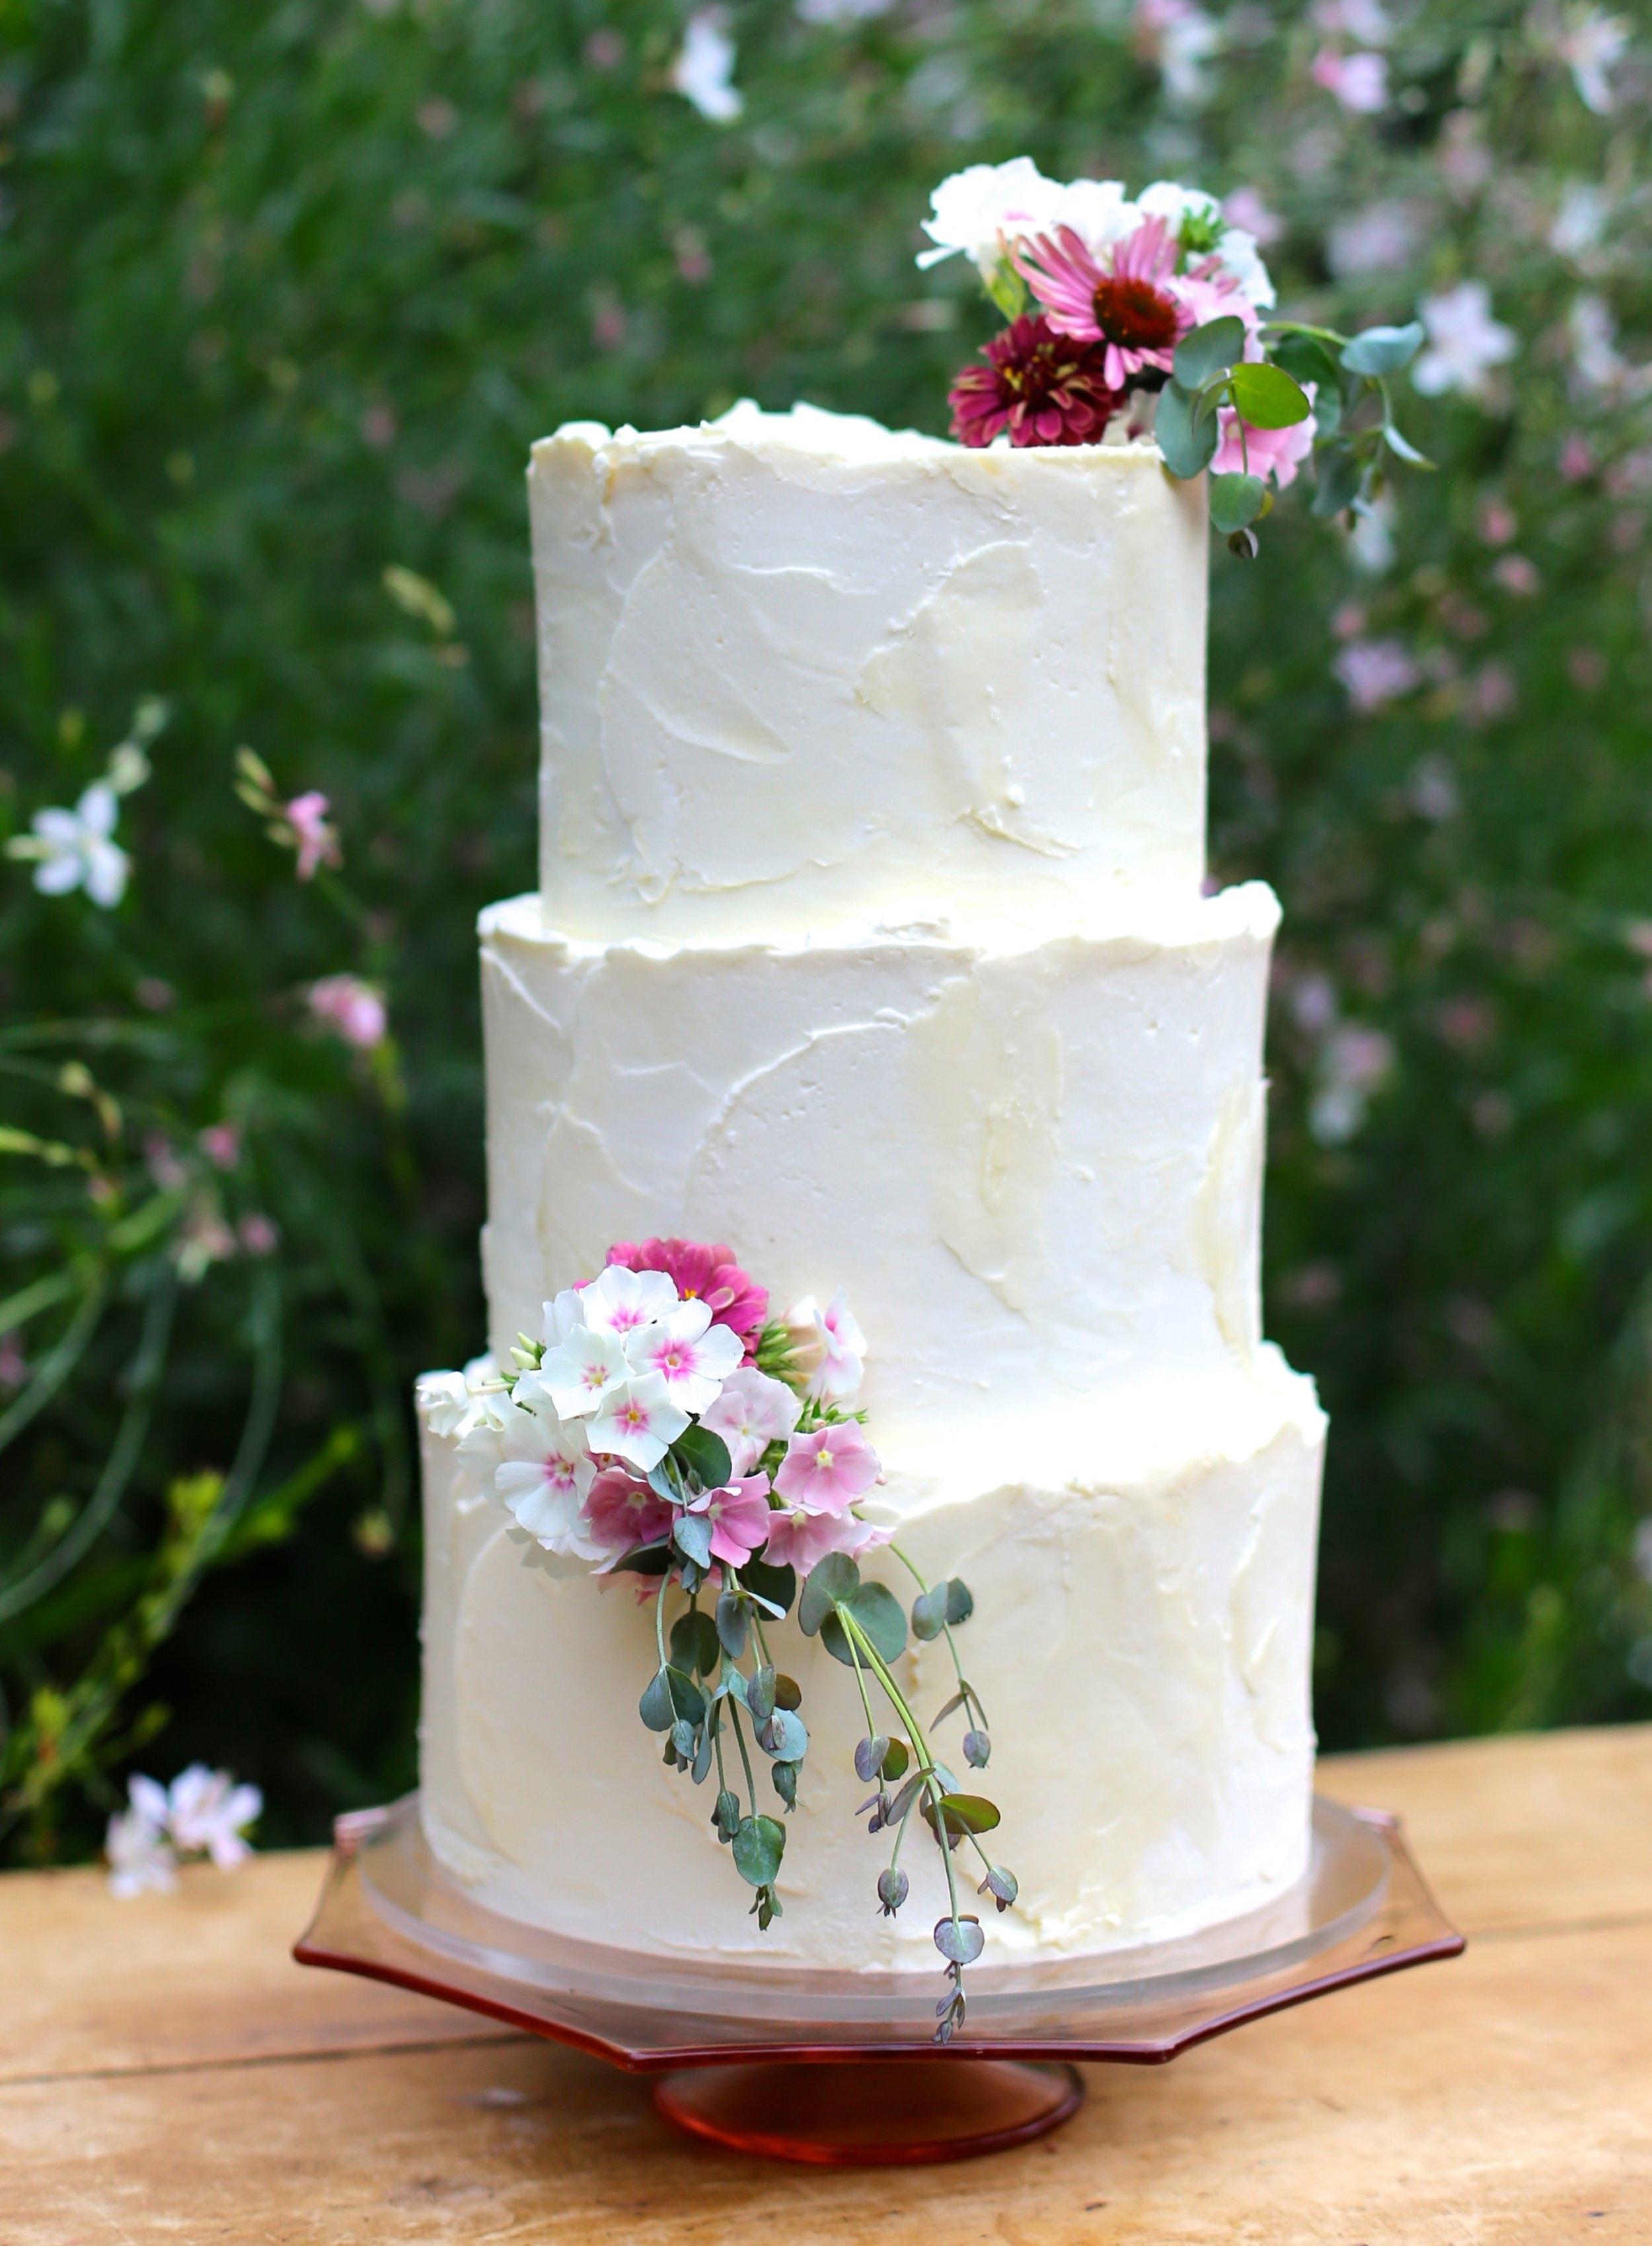 Loki's cake